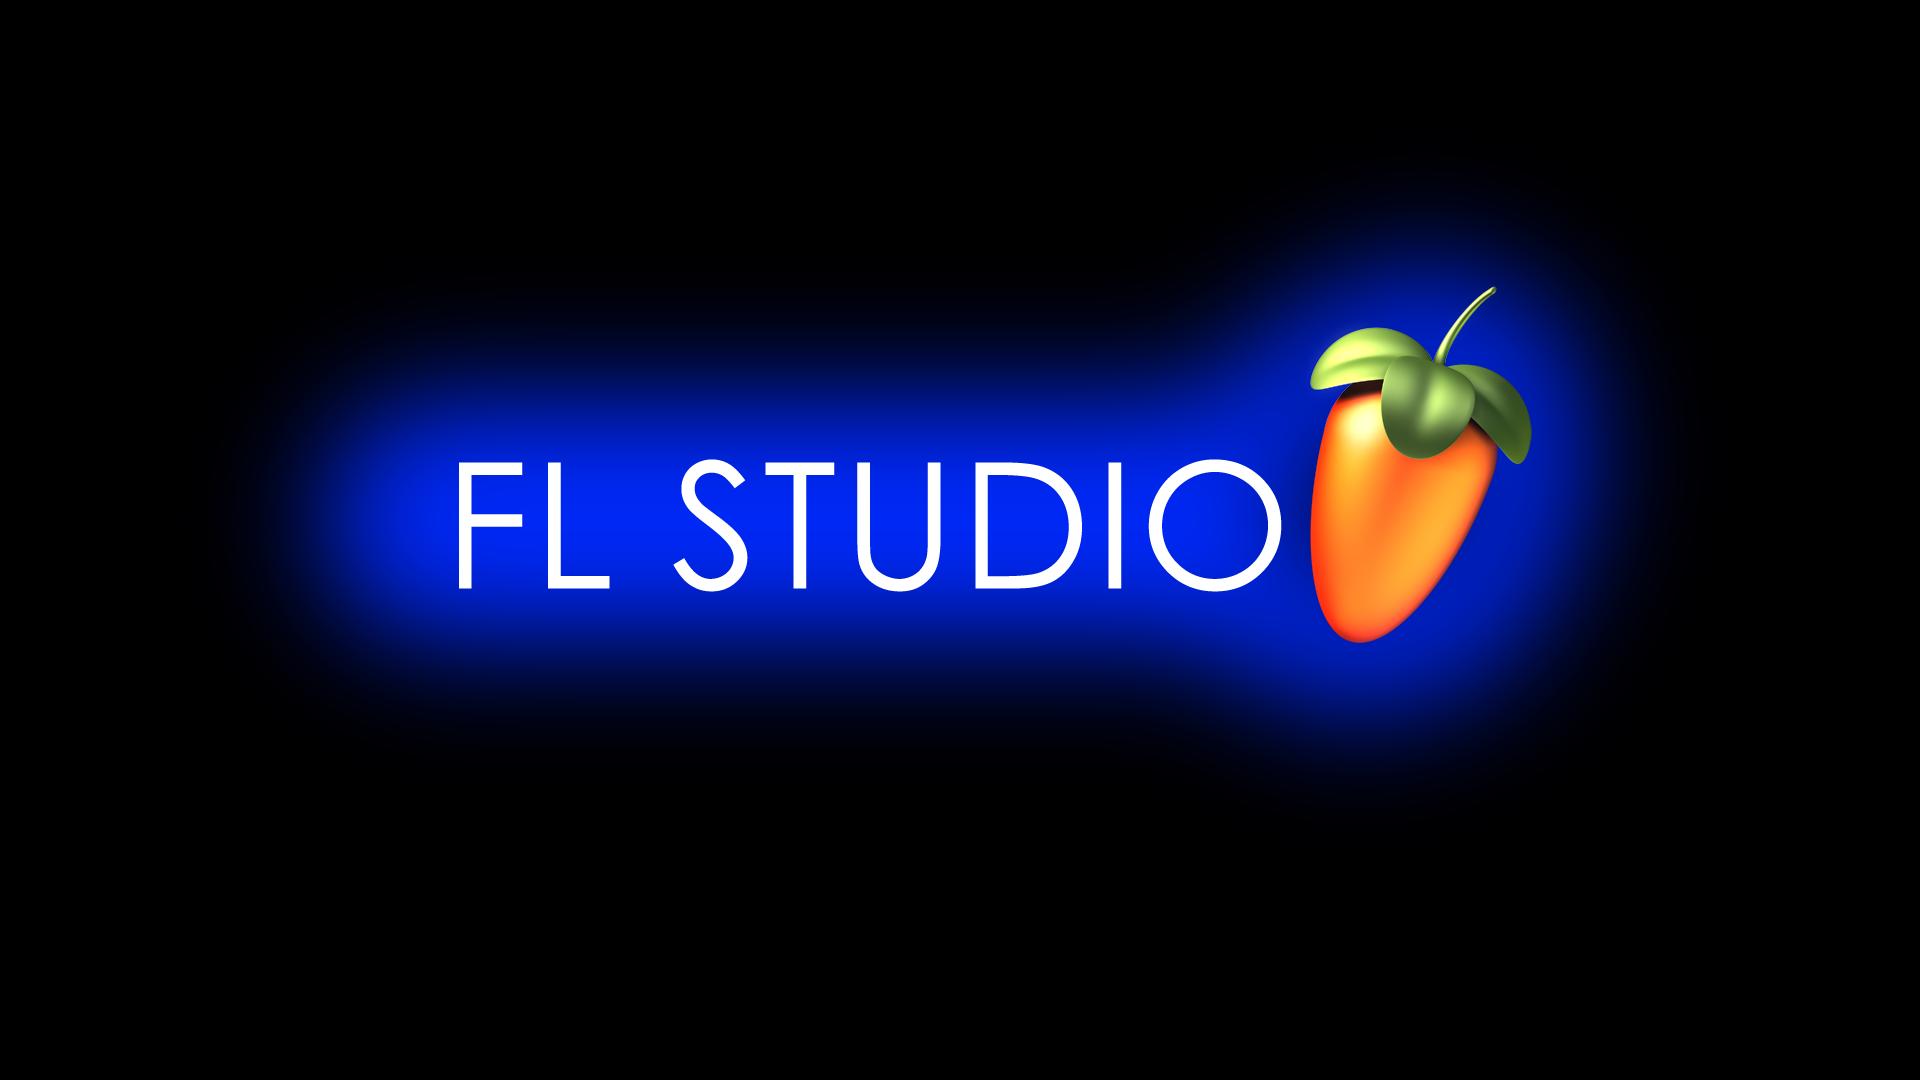 Fl Studio Wallpapers HD 1920x1080